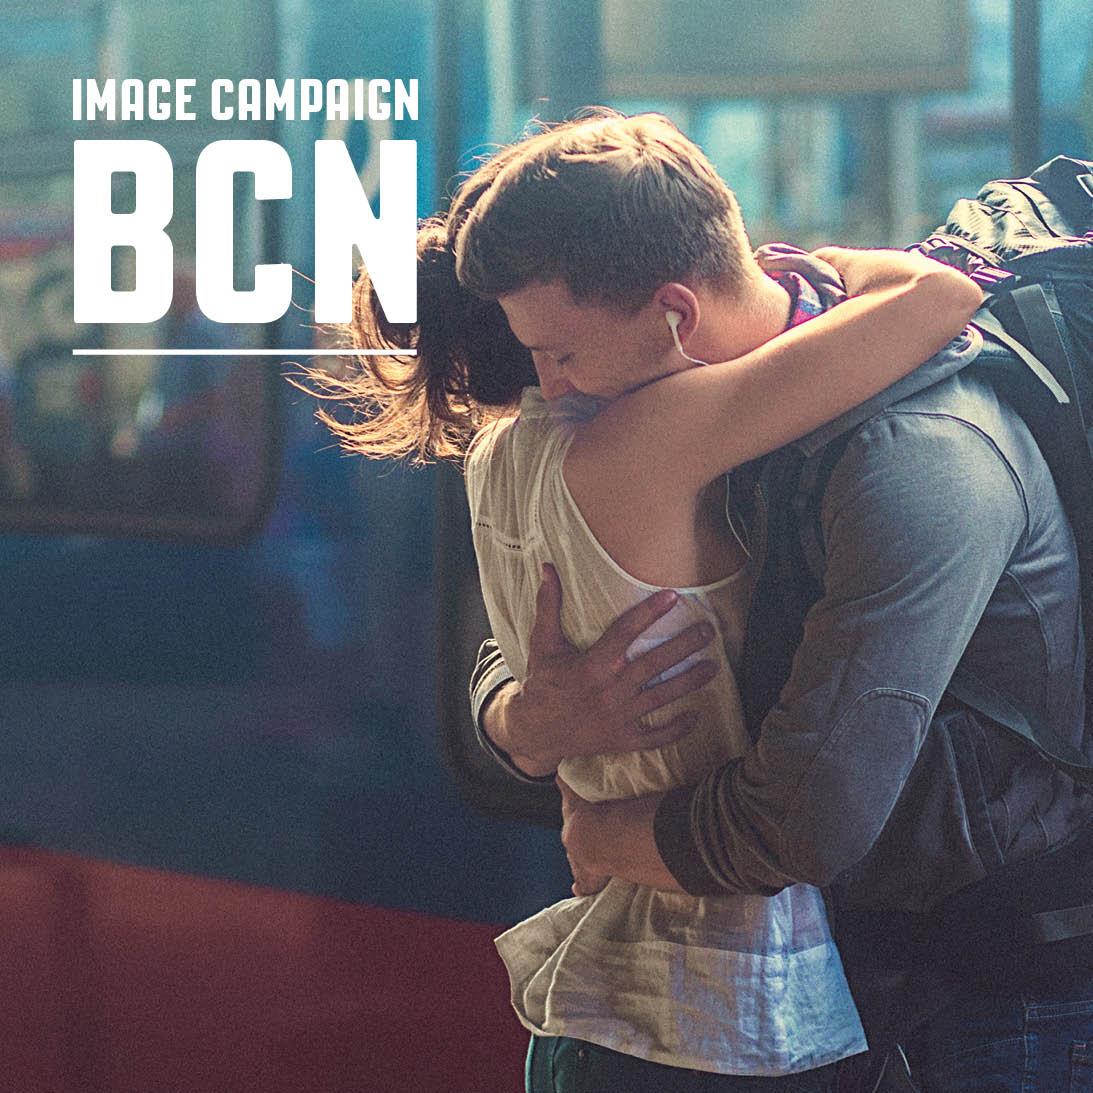 Campagne d'image pour la BCN